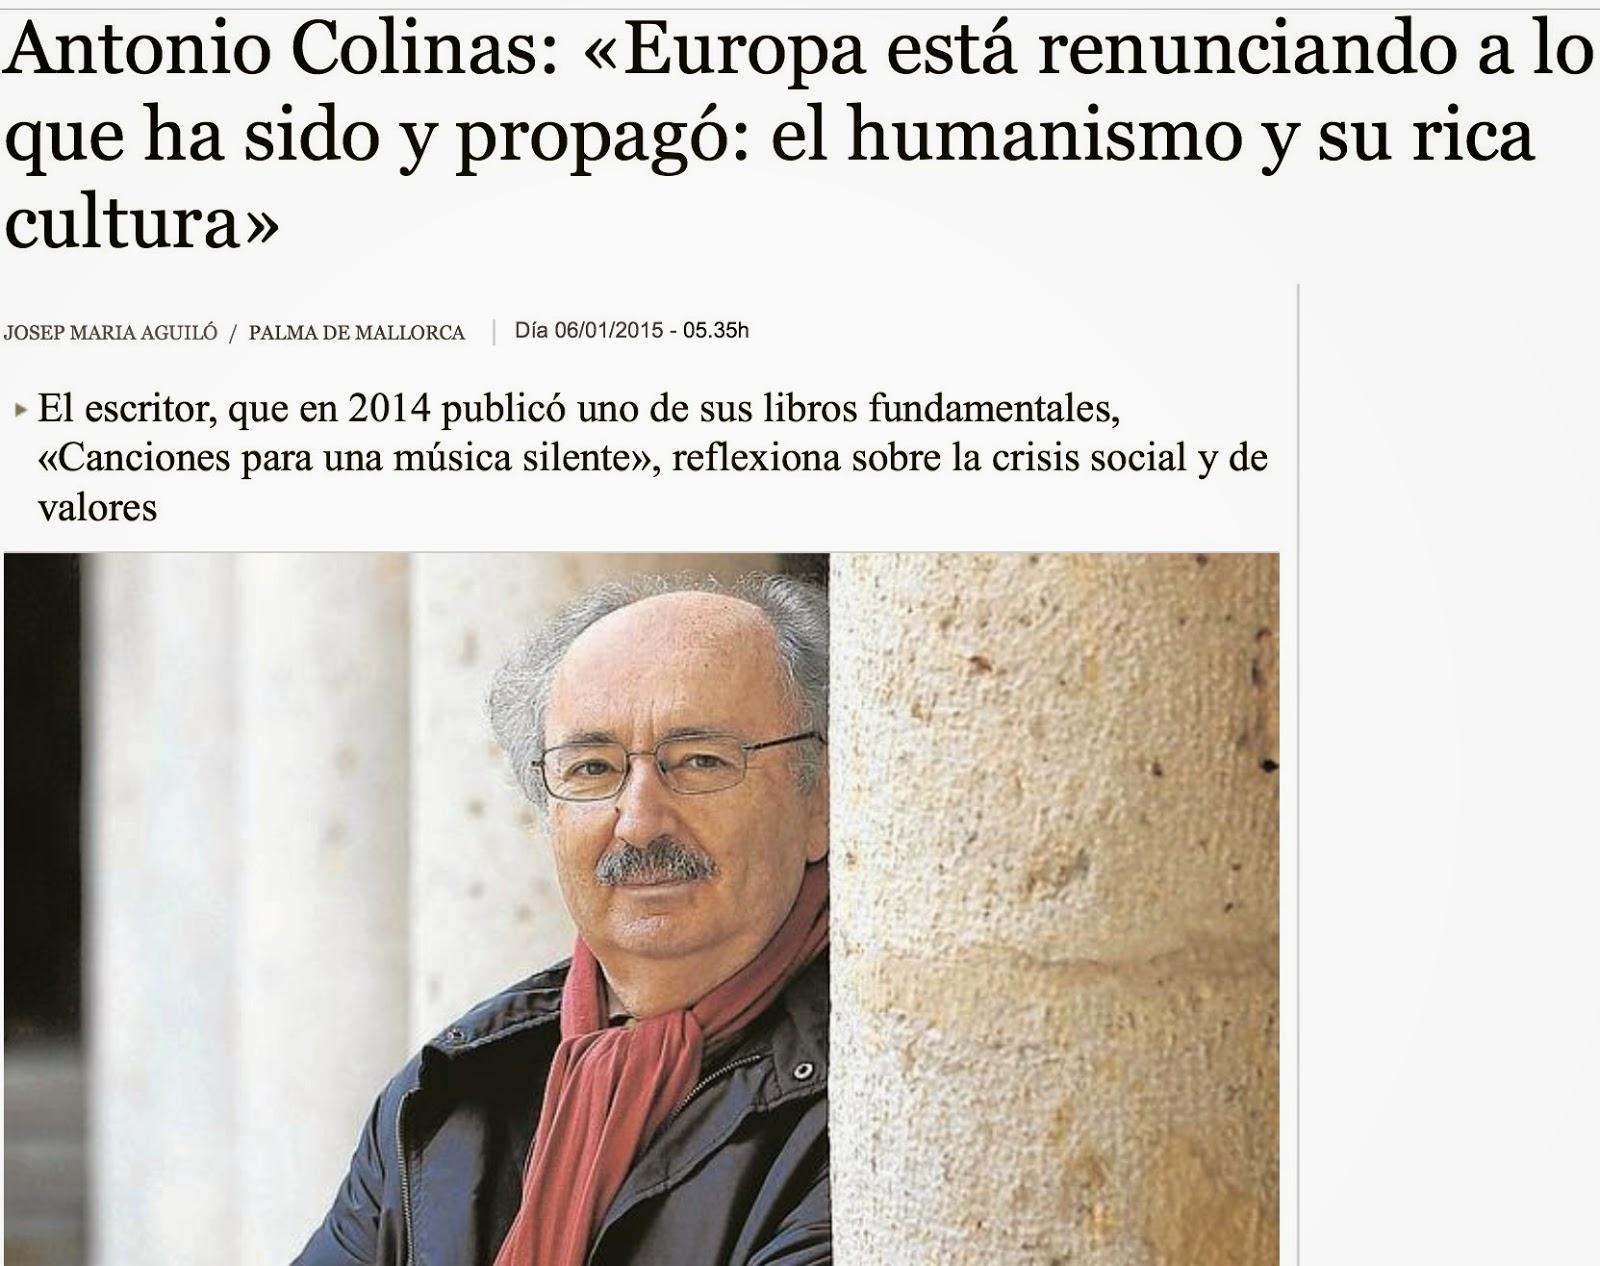 http://www.abc.es/cultura/libros/20150106/abci-entrevista-antonio-colinas-201501052207.html